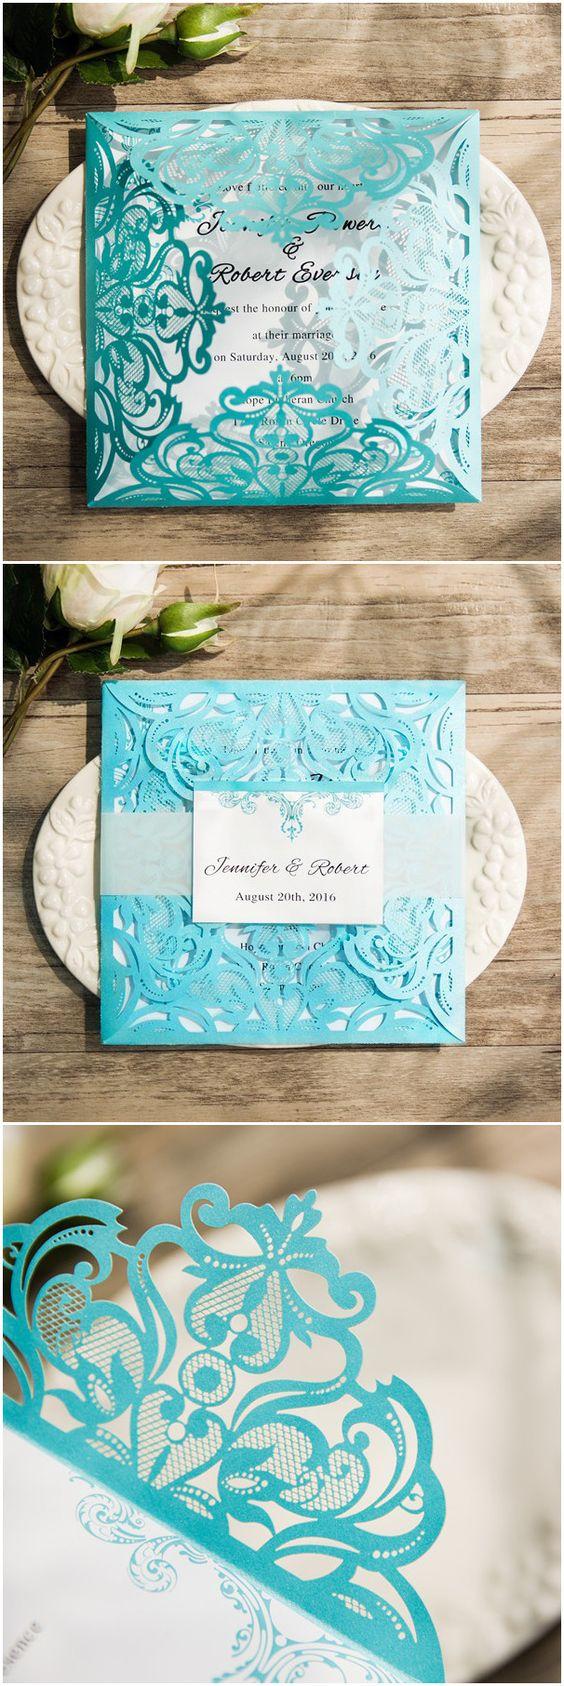 Tiffany blue themed laser cut wedding invitations